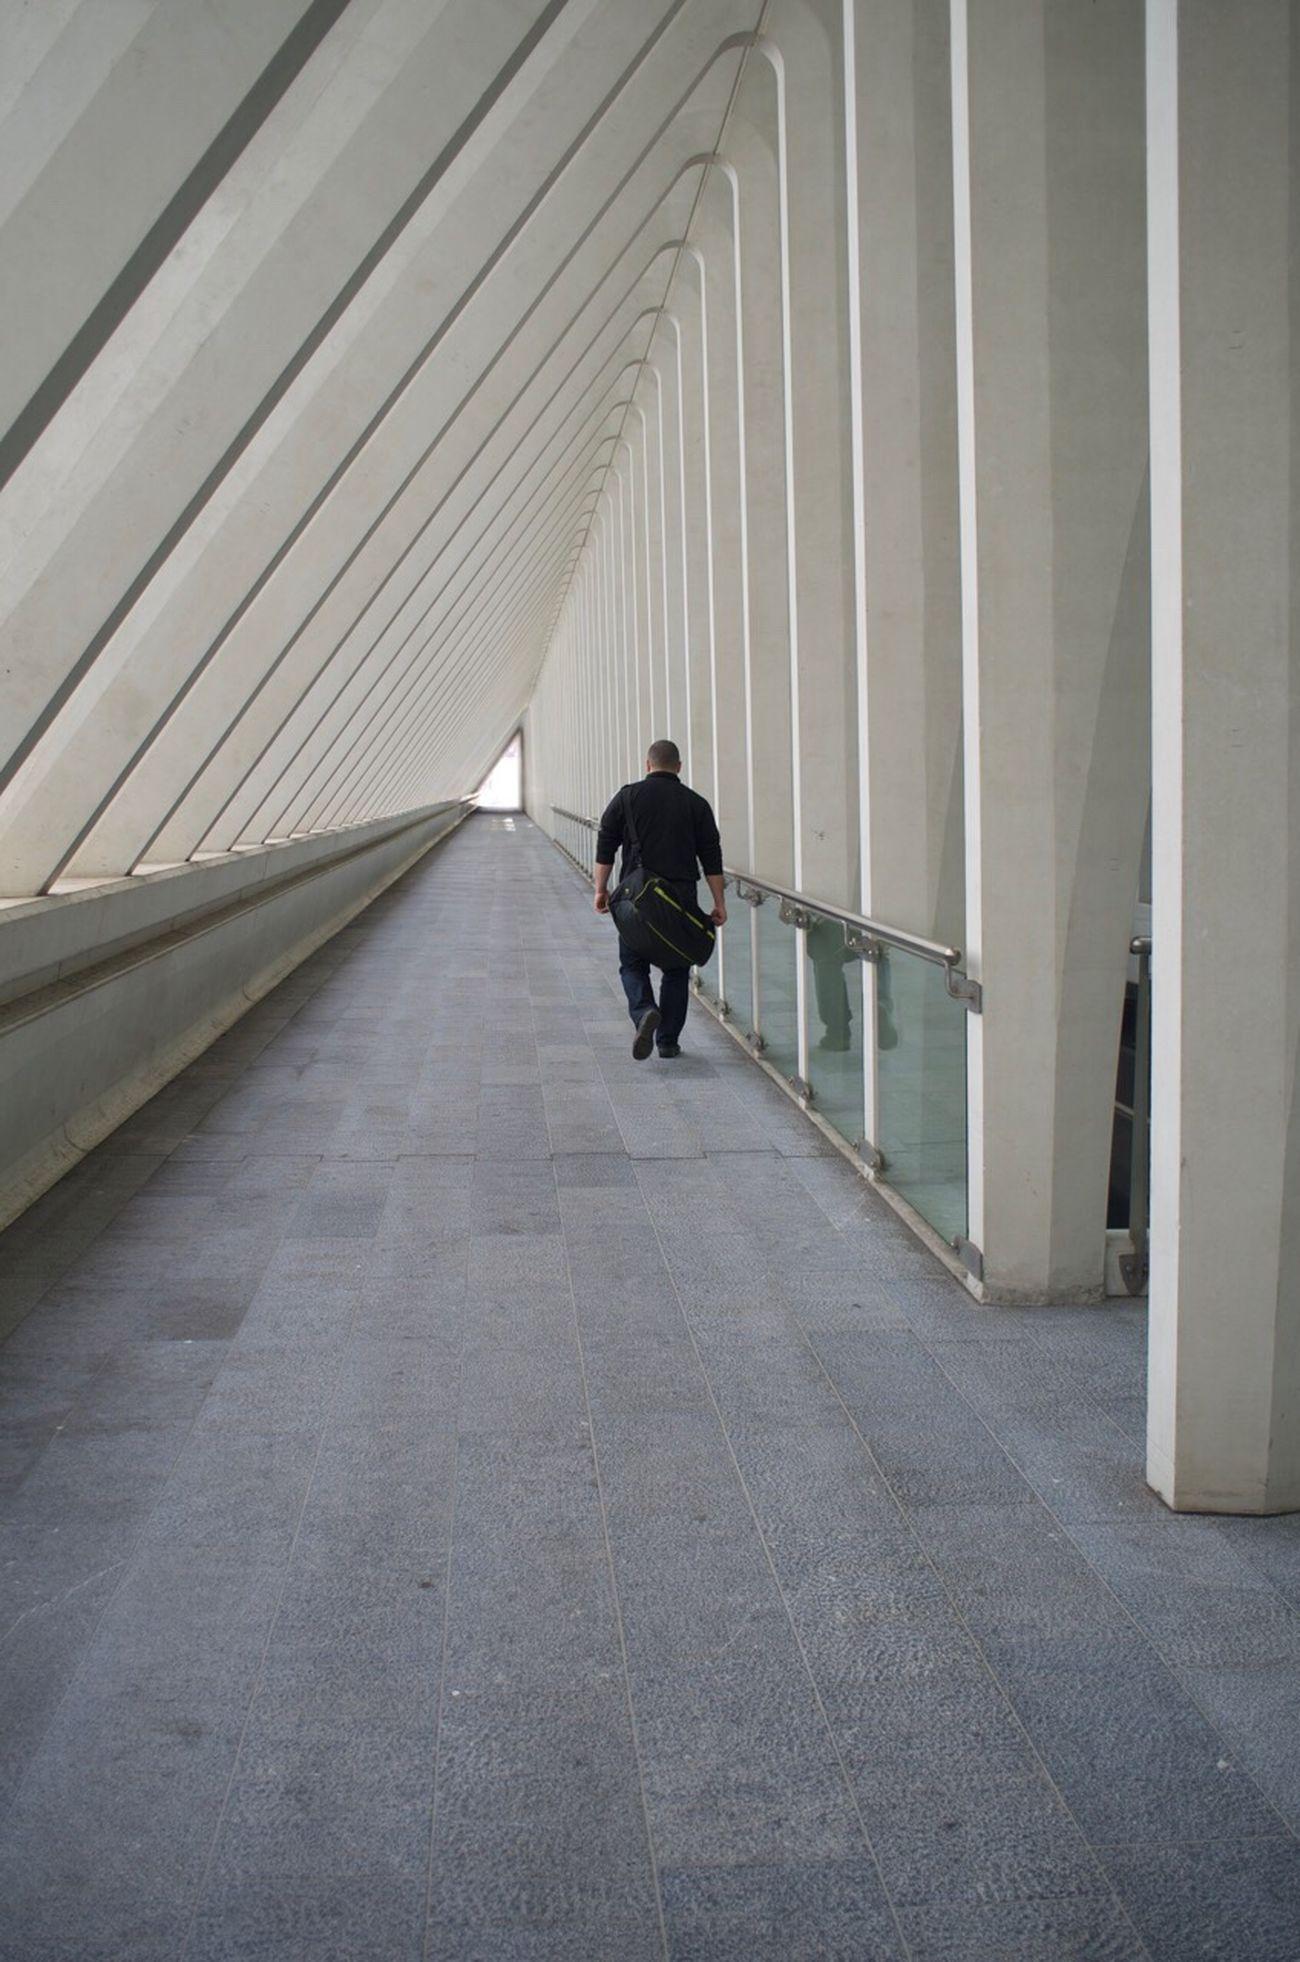 Camminando camminando Gare De Guillemins Liège-guillemins Liège Belgium Pentax Architecture